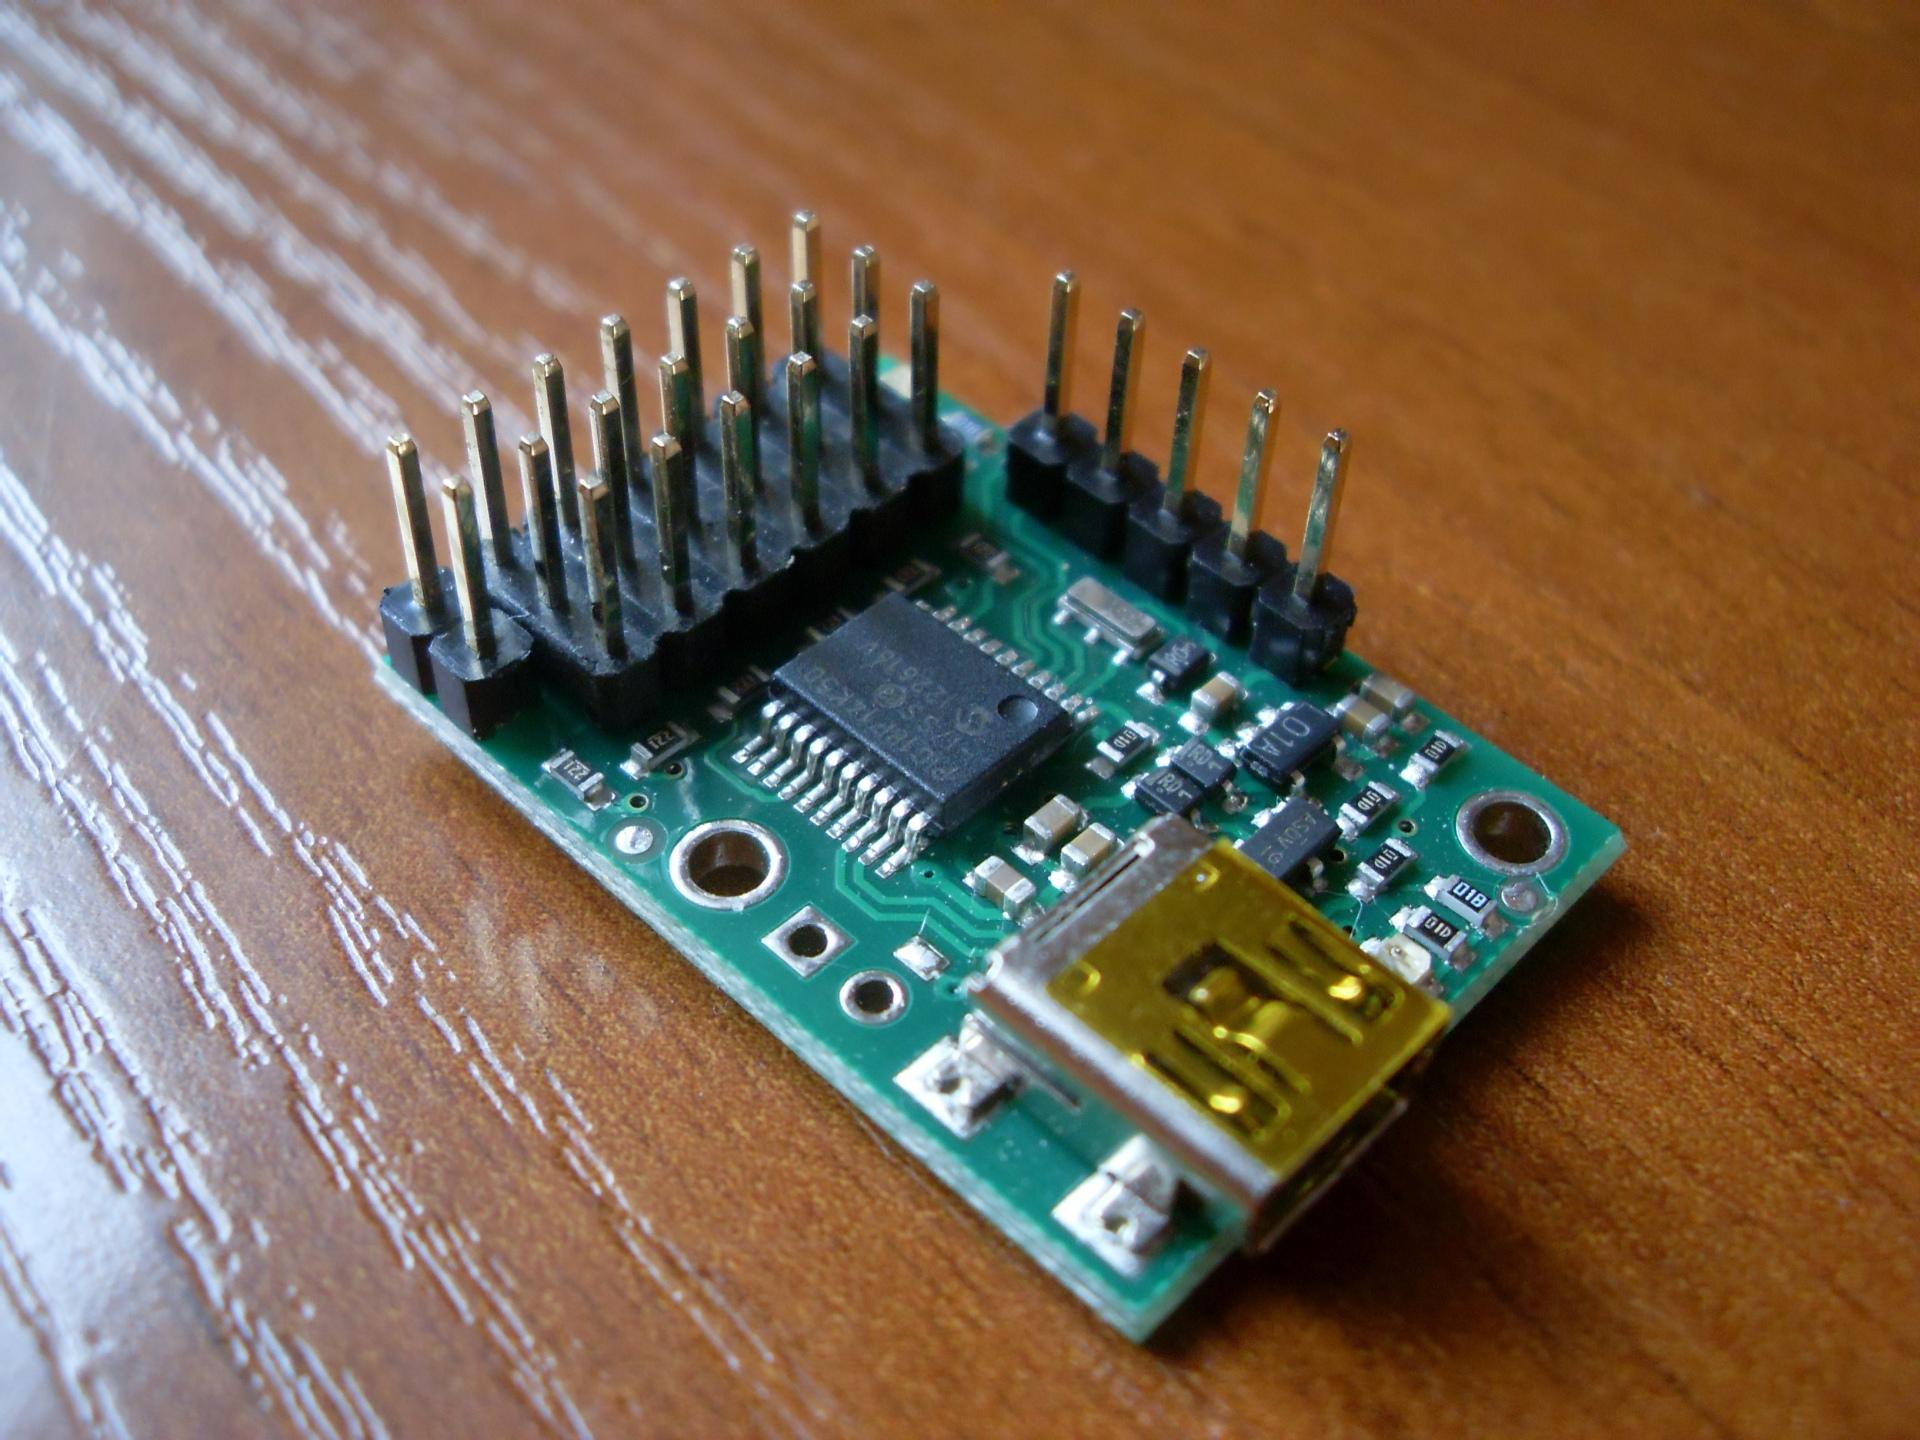 [Sprzedam] Sterownik serw Pololu Micro Maestro USB 6-kana�owy